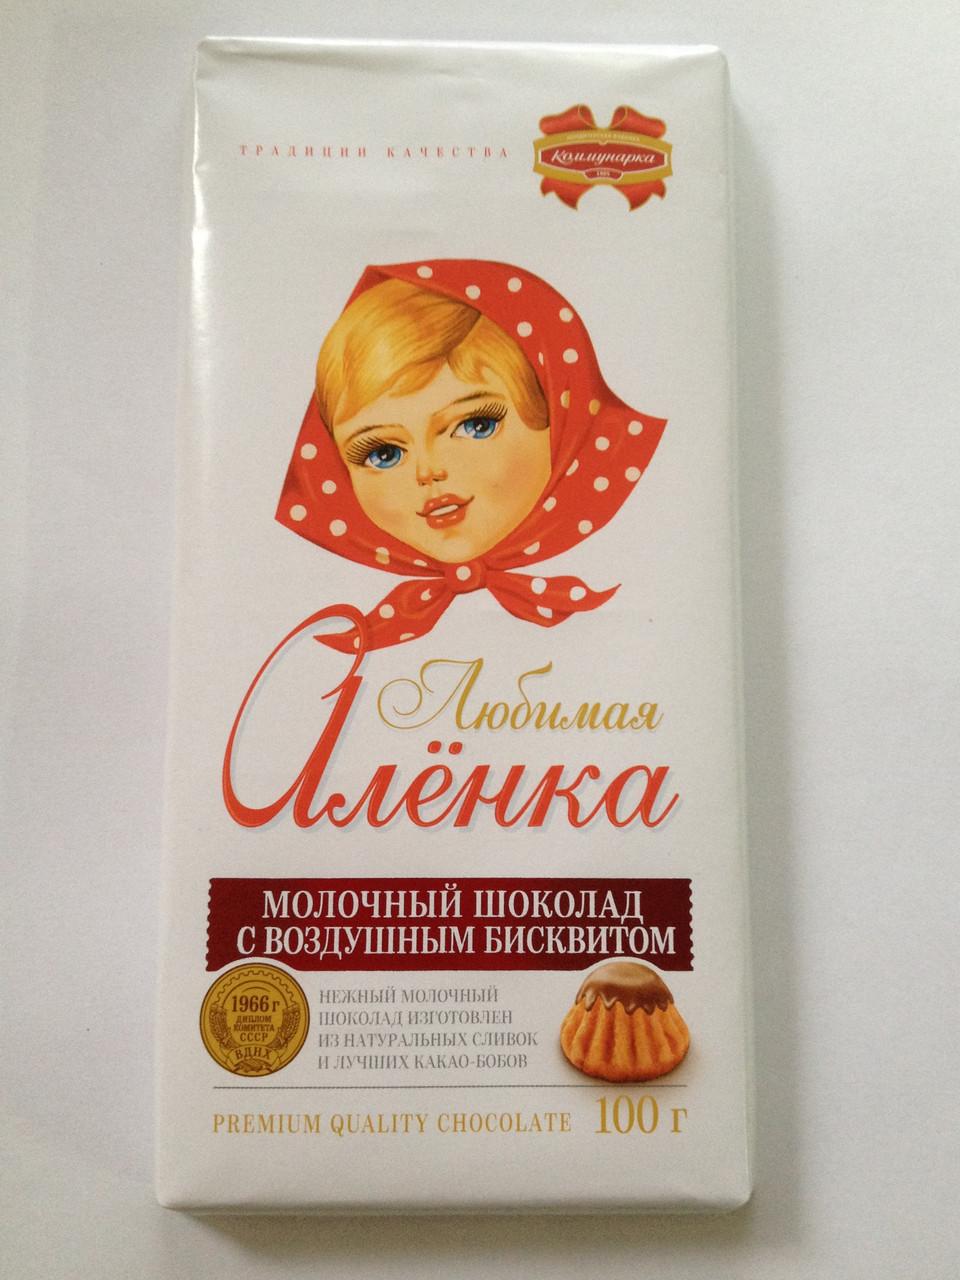 Шоколад молочный любимая аленка с воздушным бисквитом из беларуси